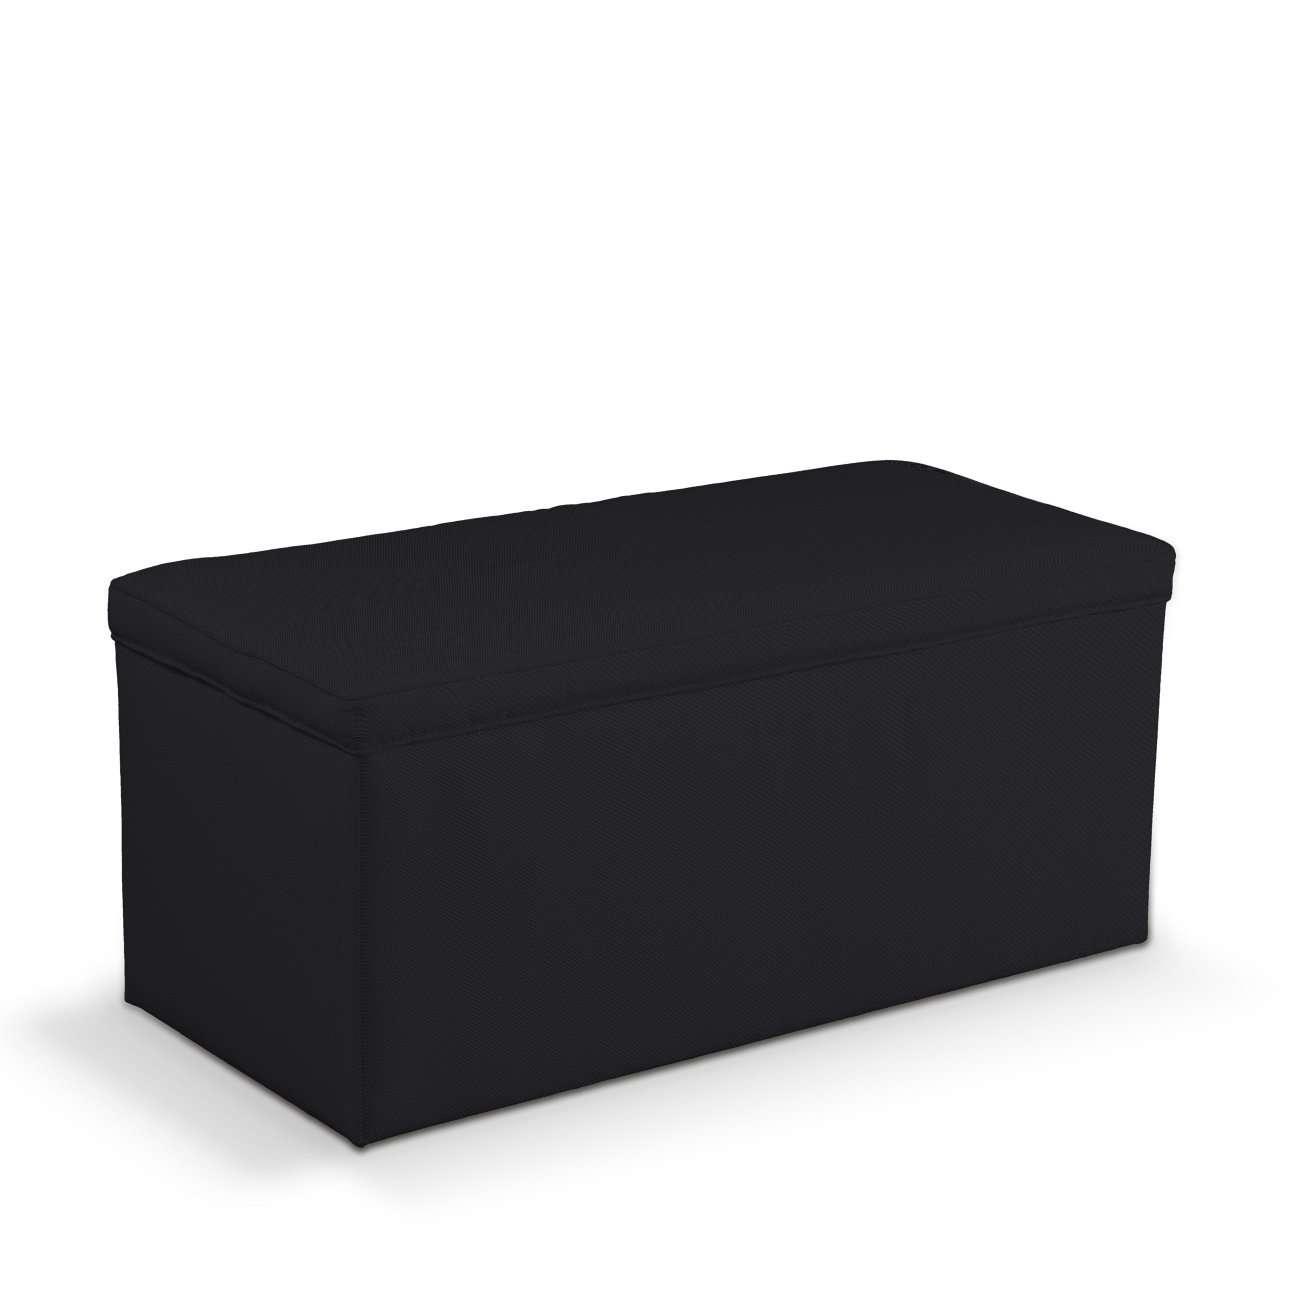 Truhe 90 x 40 x 40 cm von der Kollektion Etna, Stoff: 705-00